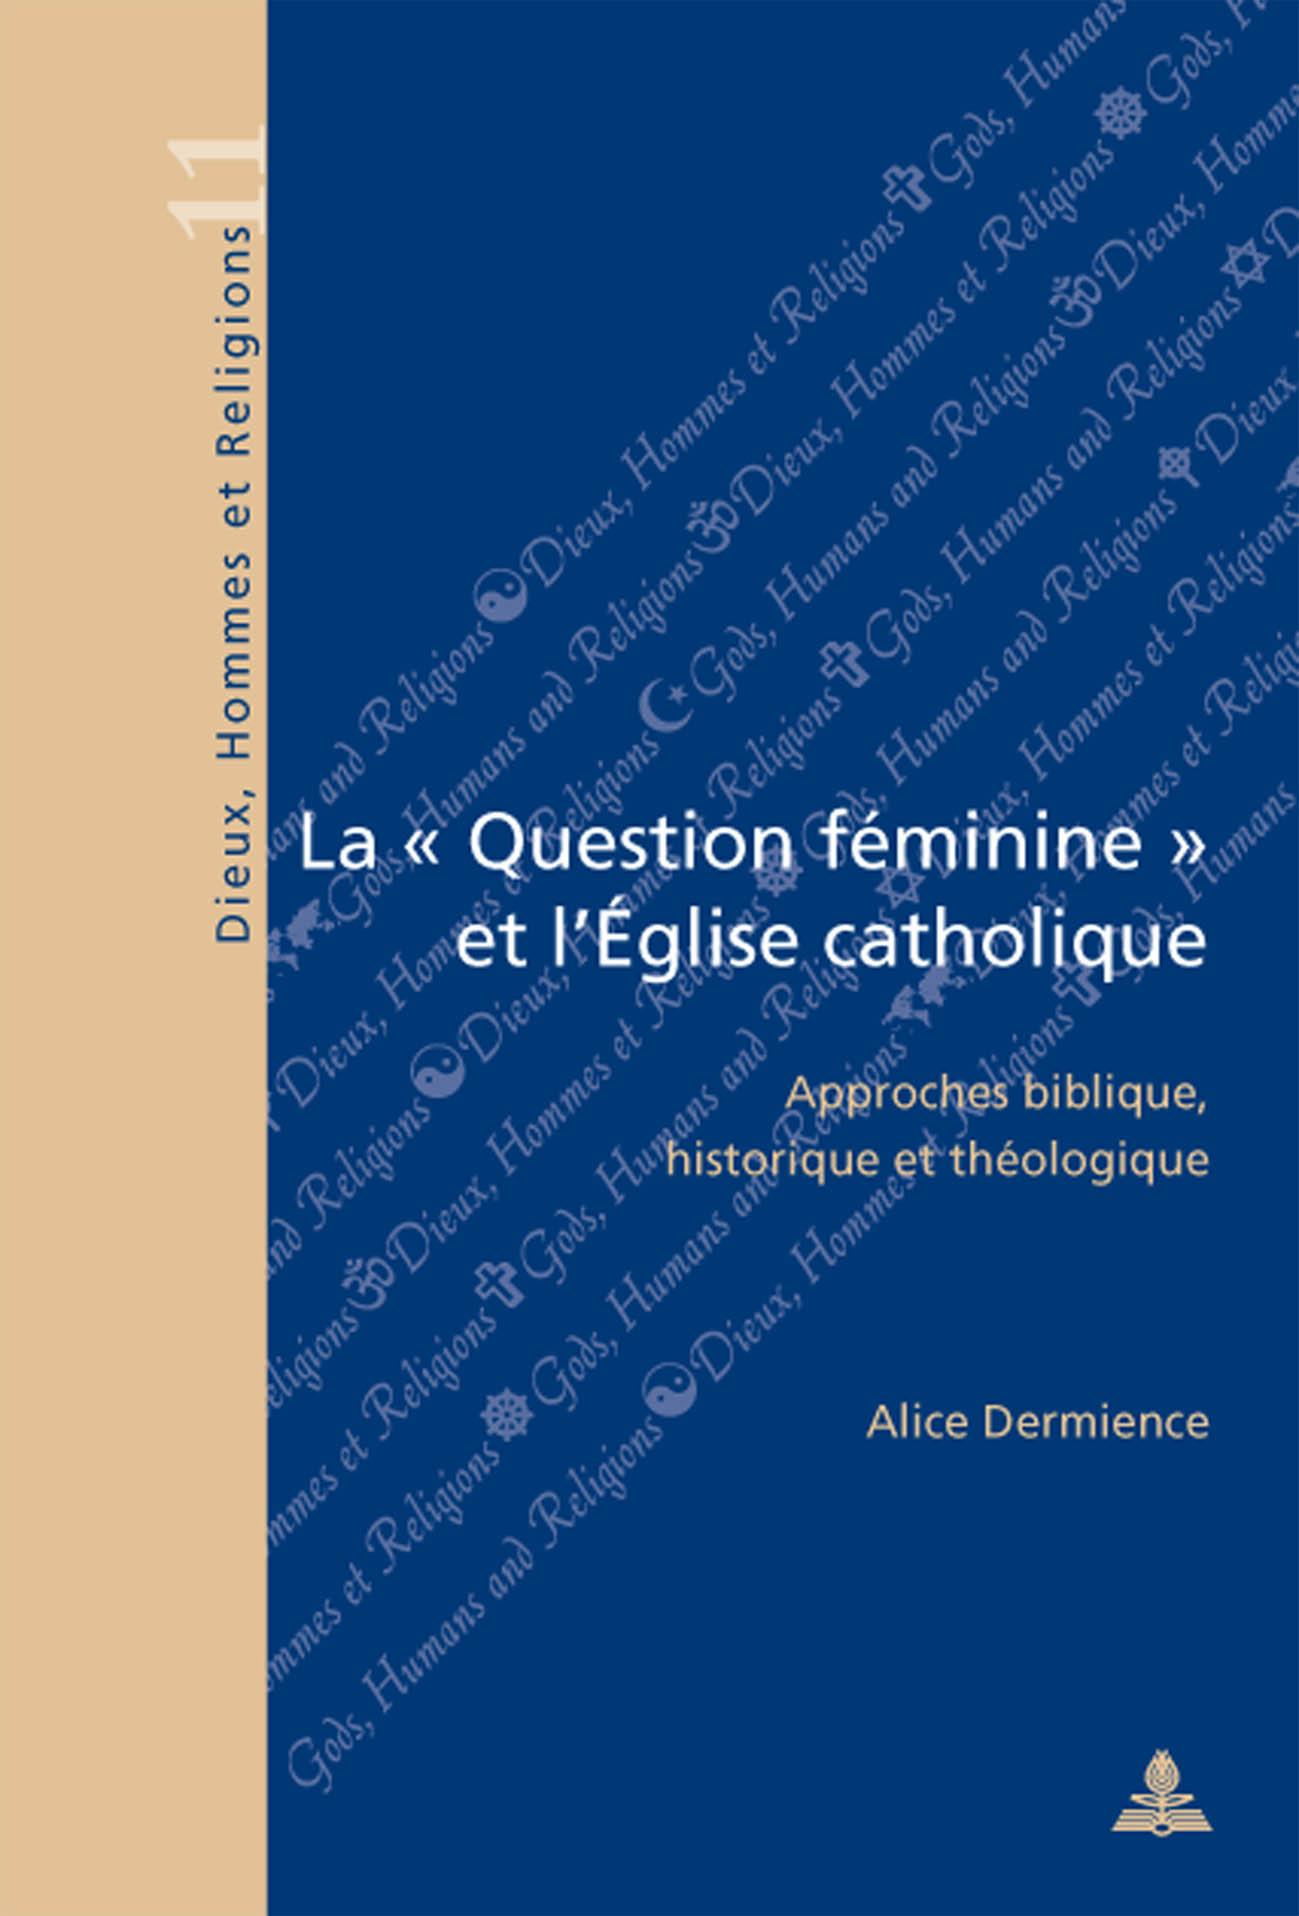 """LA """"QUESTION FEMININE"""" DANS L'EGLISE CATHOLIQUE"""